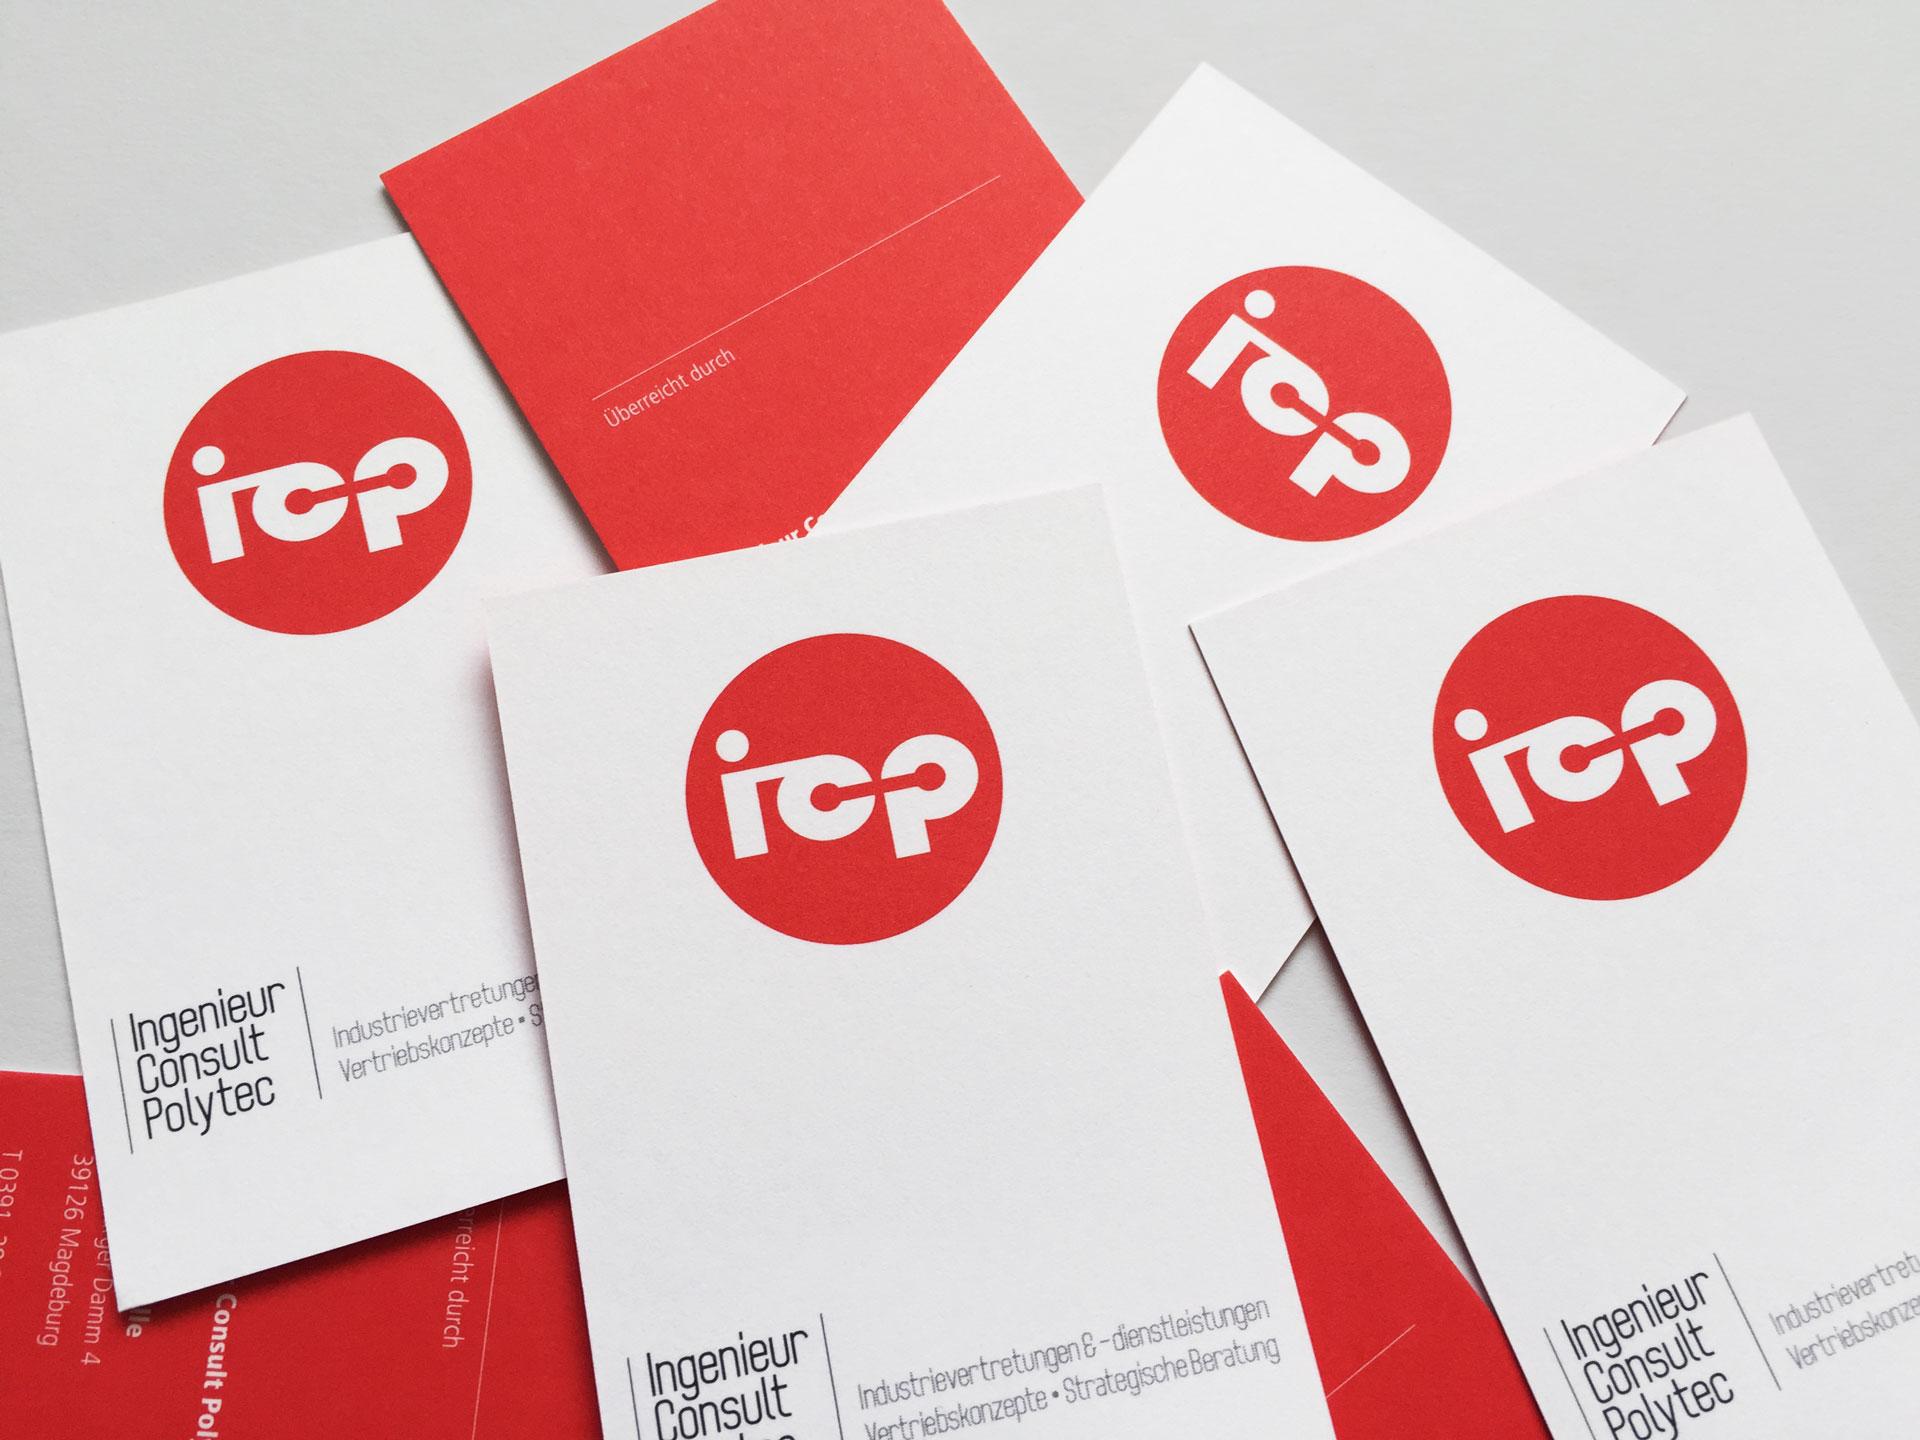 icp Geschäftsausstattung